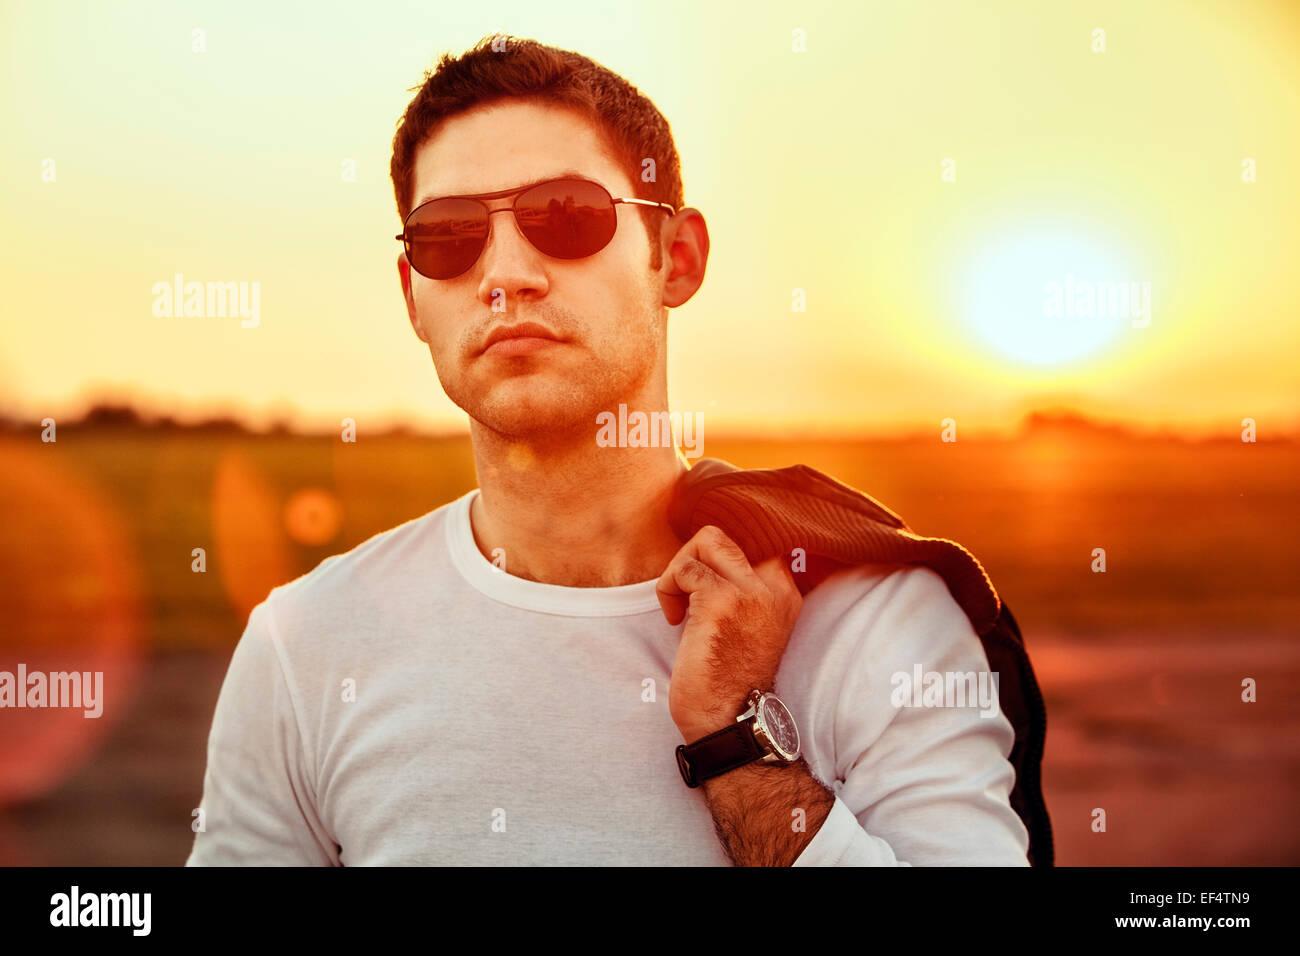 Retrato de joven con gafas de sol al atardecer Imagen De Stock